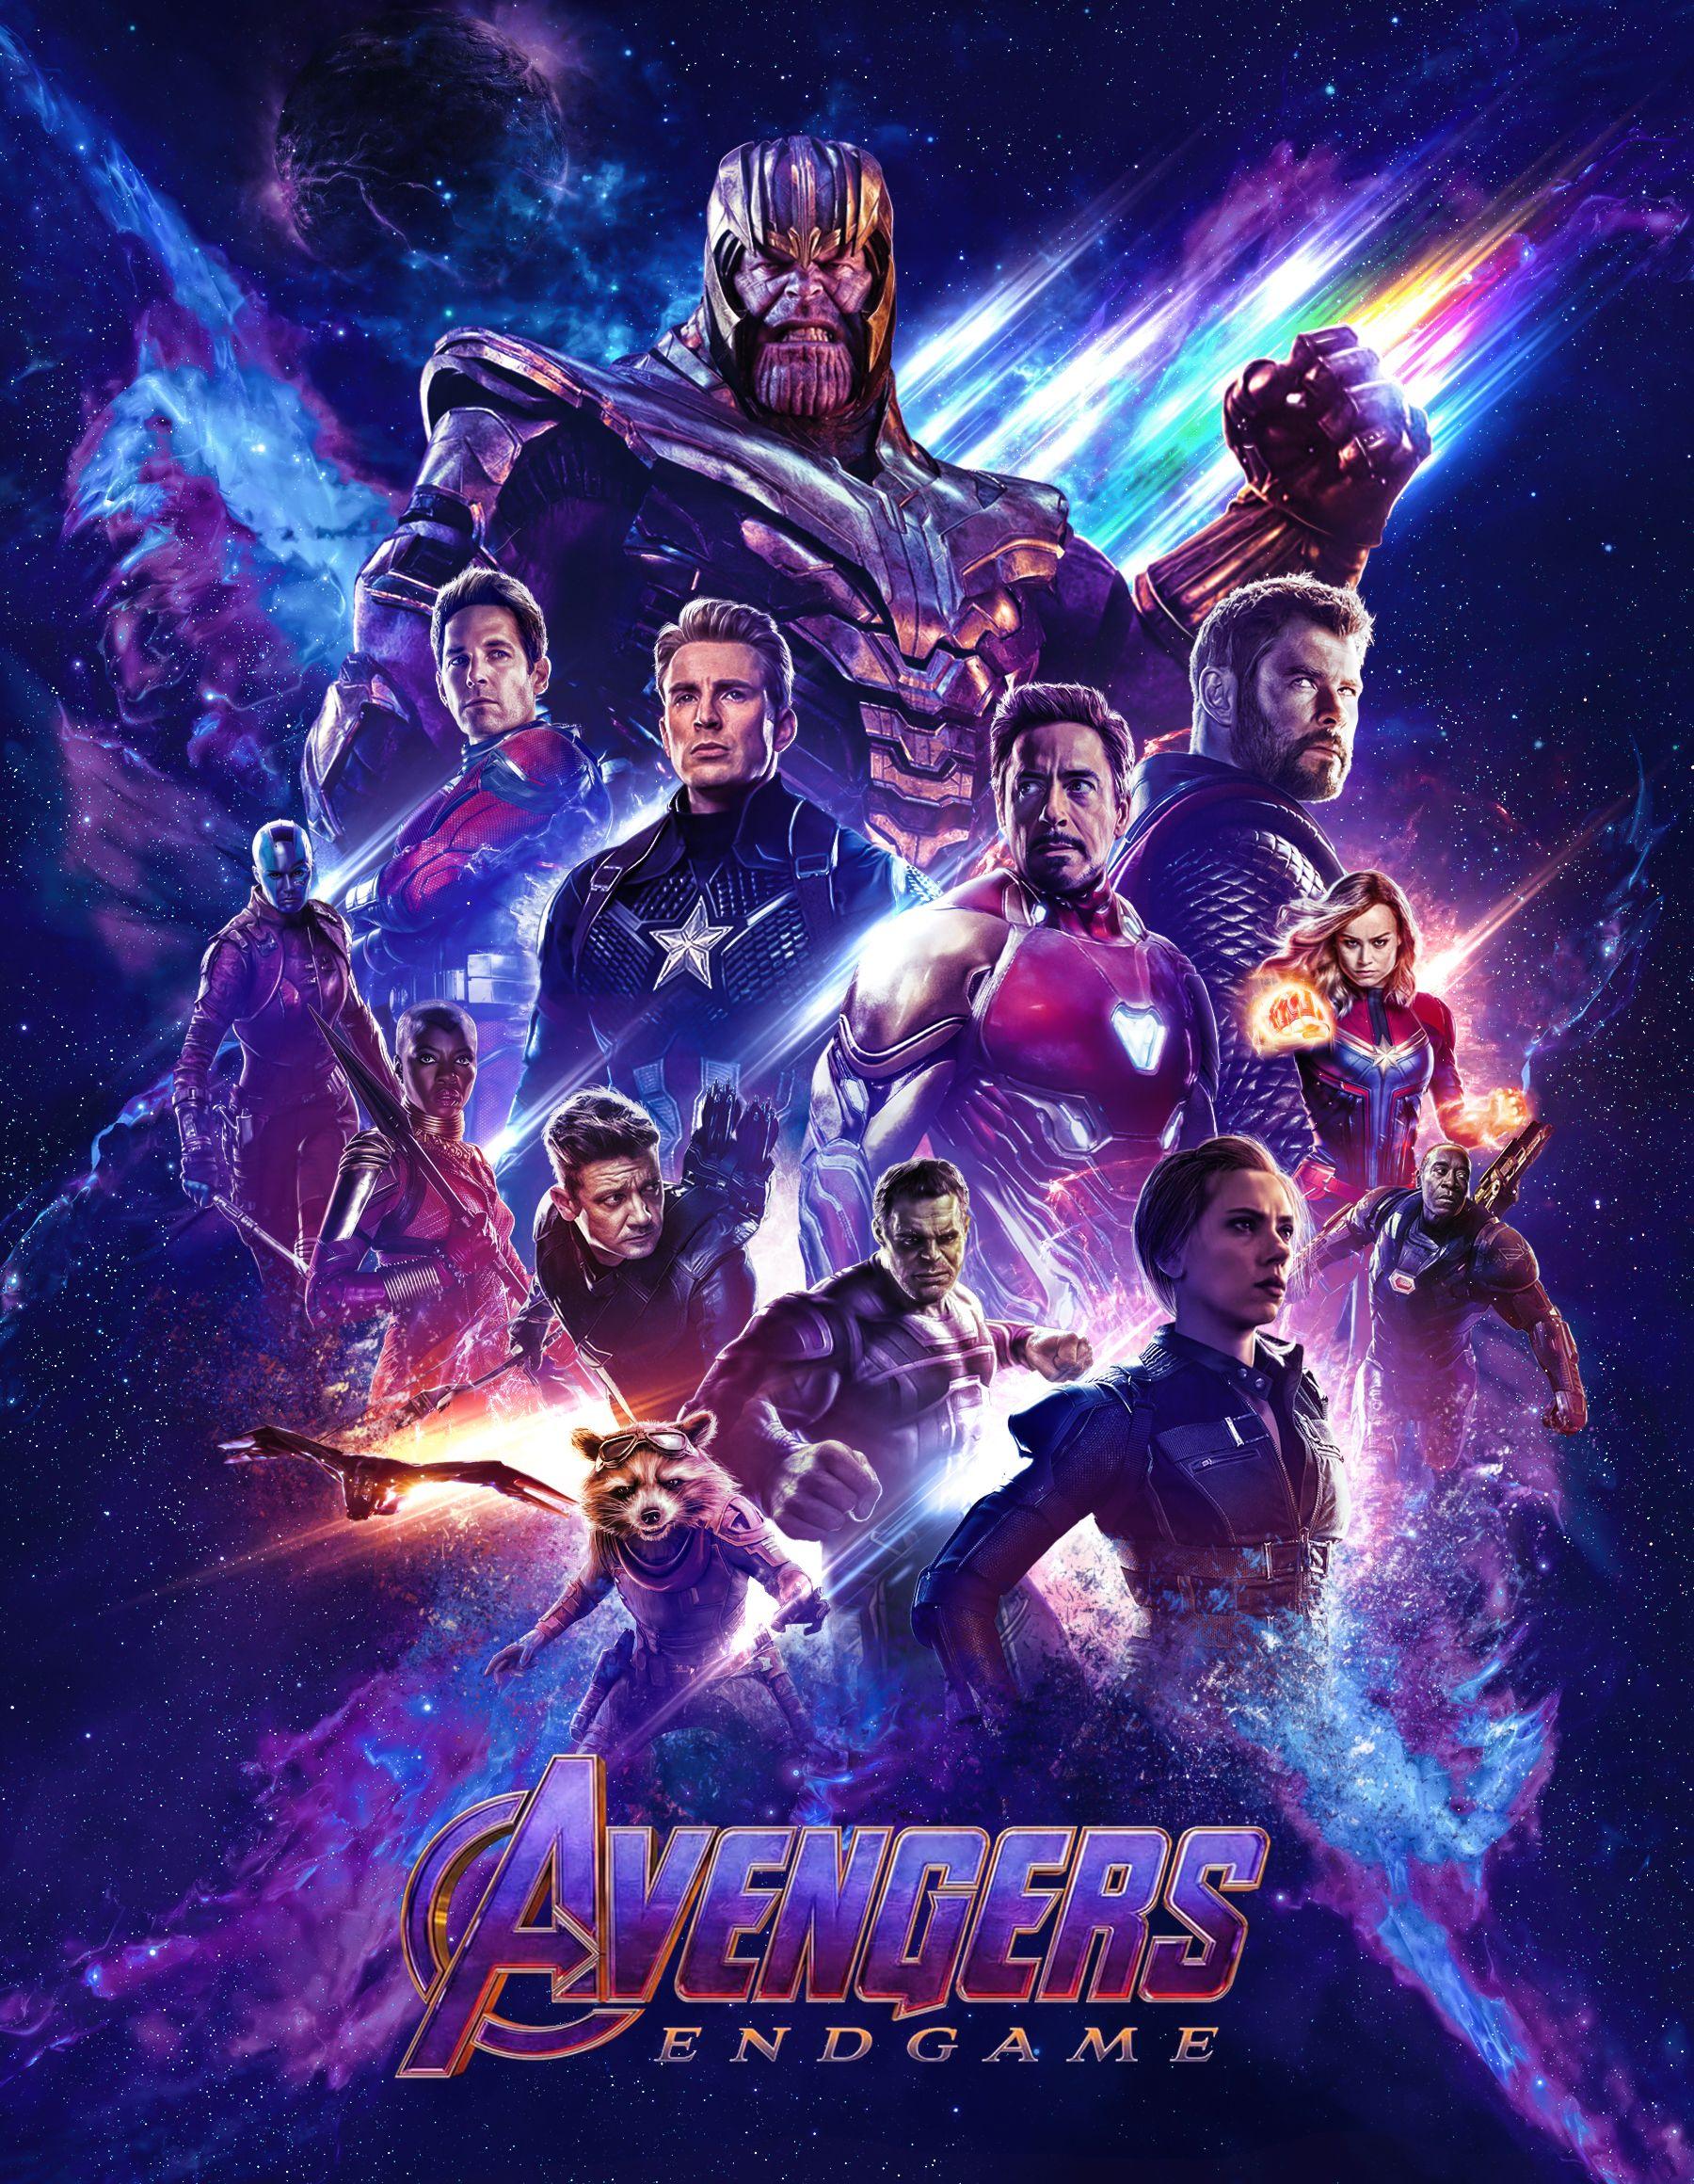 Avengers endgame poster by ralfmef on deviantart marvel